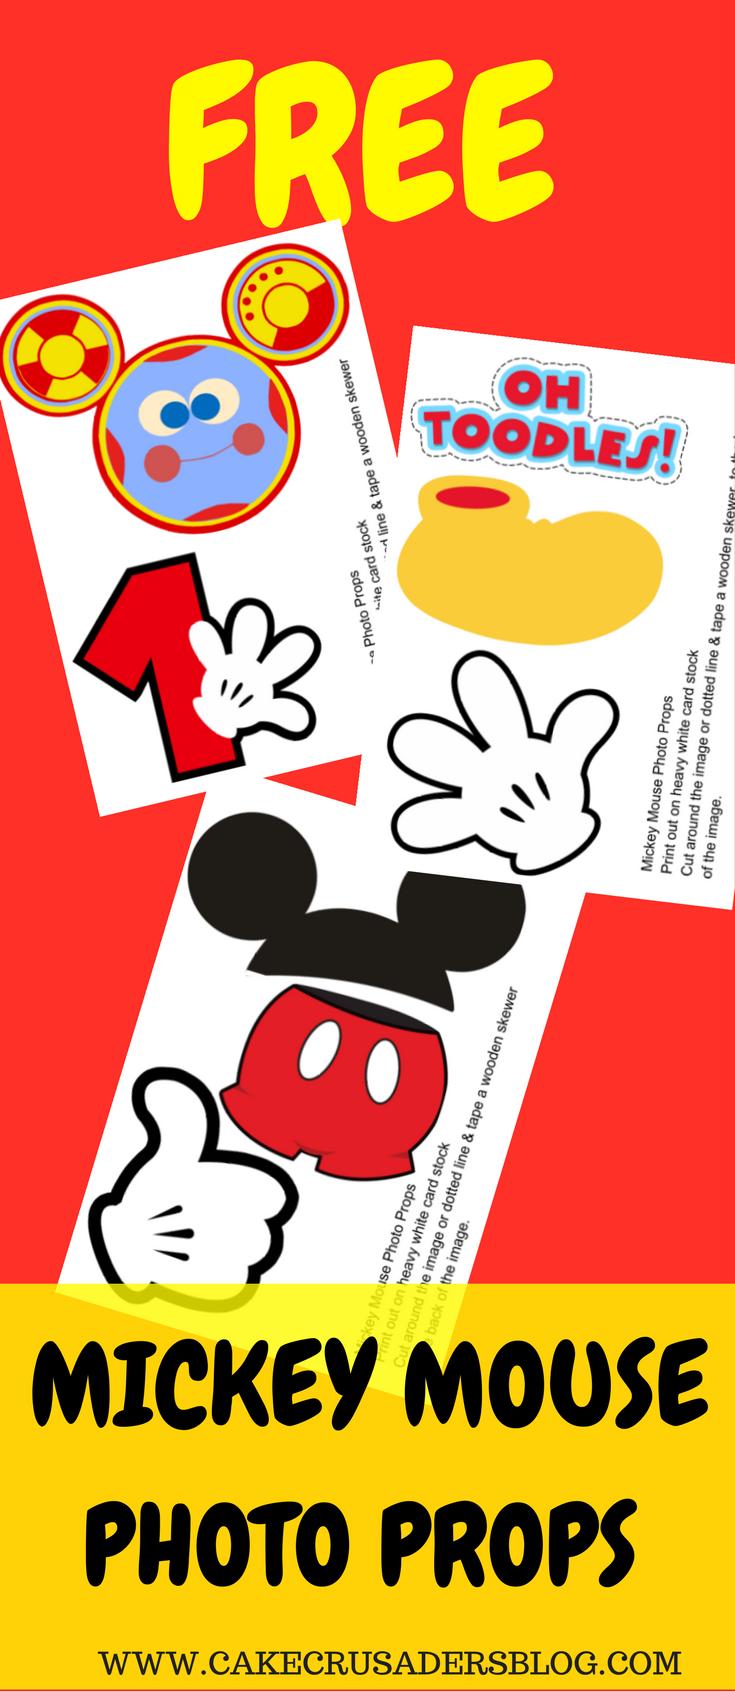 想要为孩子的米老鼠派对增添额外感觉?为什么不试试这些可爱容易制作的免费米老鼠照片道具。需要的工具:米老鼠照片道具打印1米老鼠照片道具可打印2米老鼠照片道具可打印3打印机(我使用)卡片纸热胶枪笔芯剪刀...